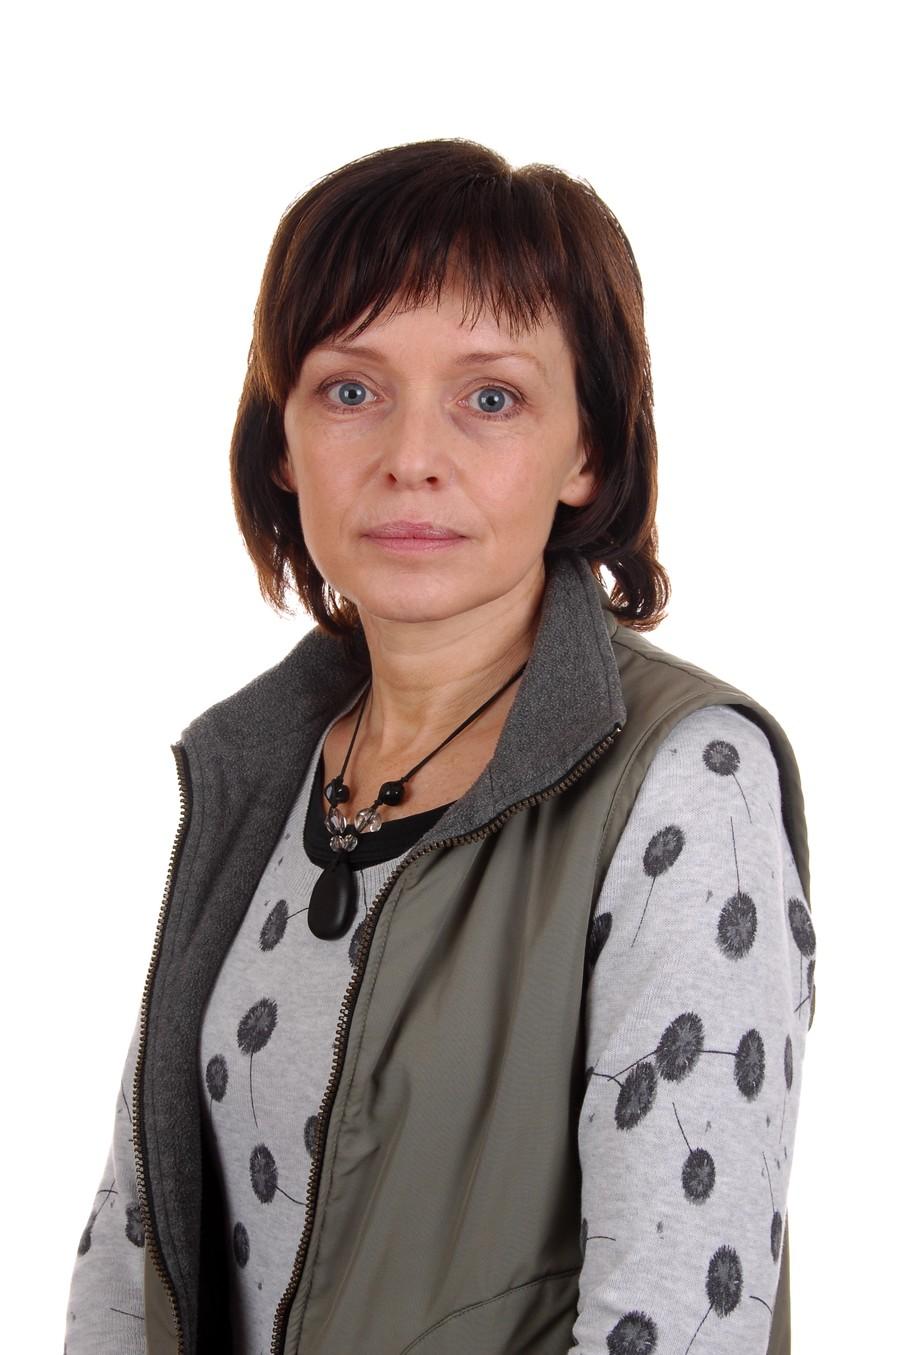 Mrs O'Hale